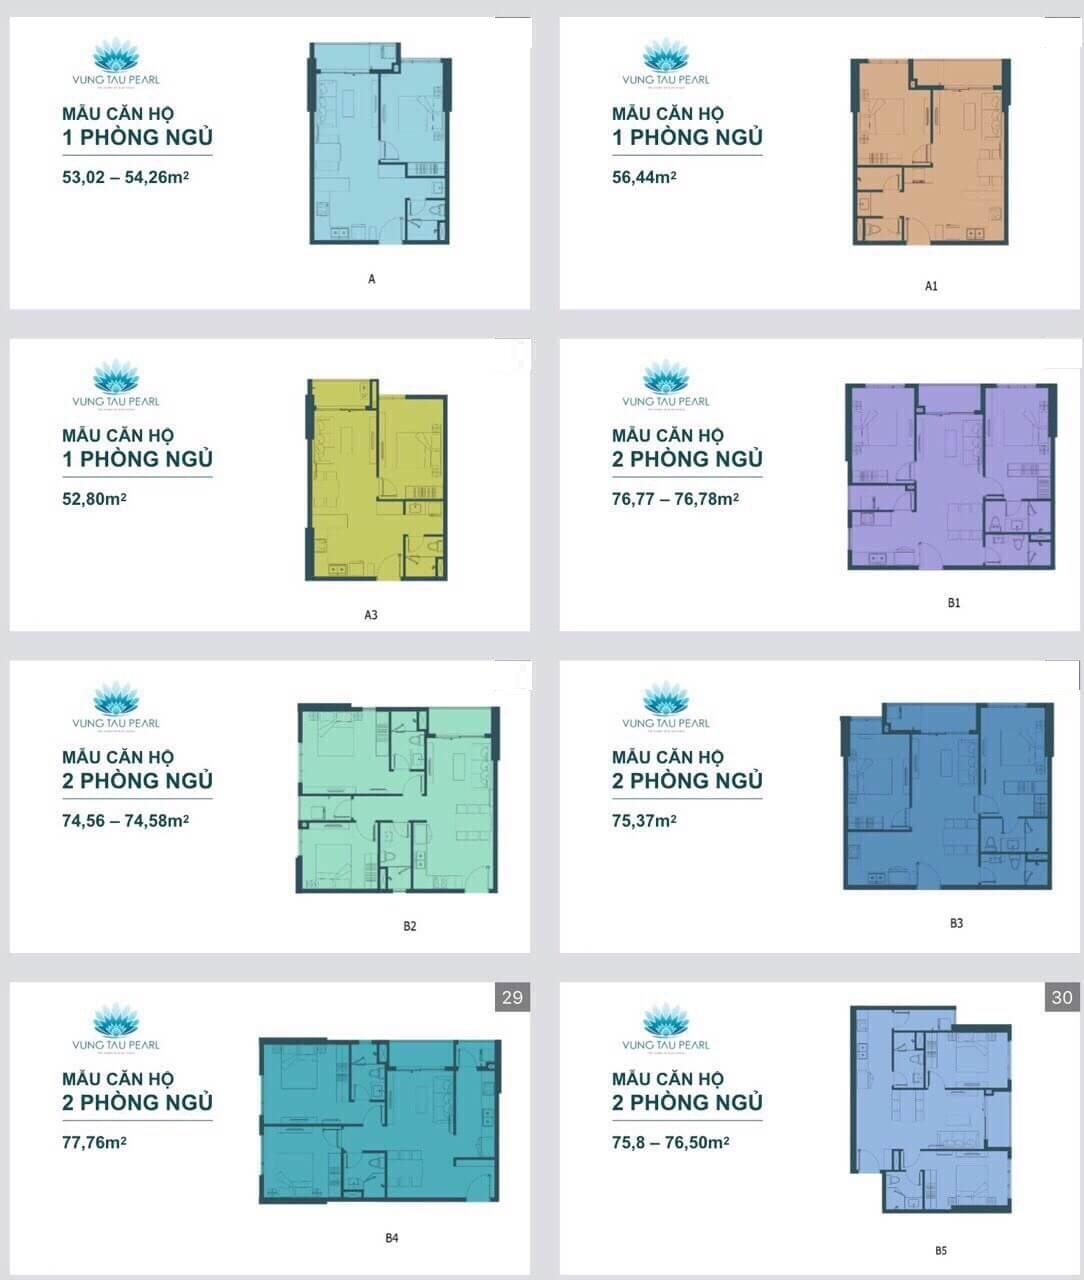 mua bán - ký gửi - cho thuê - sang nhượng - pháp lý - căn hộ - shophouse - dự án đồi dừa vũng tàu